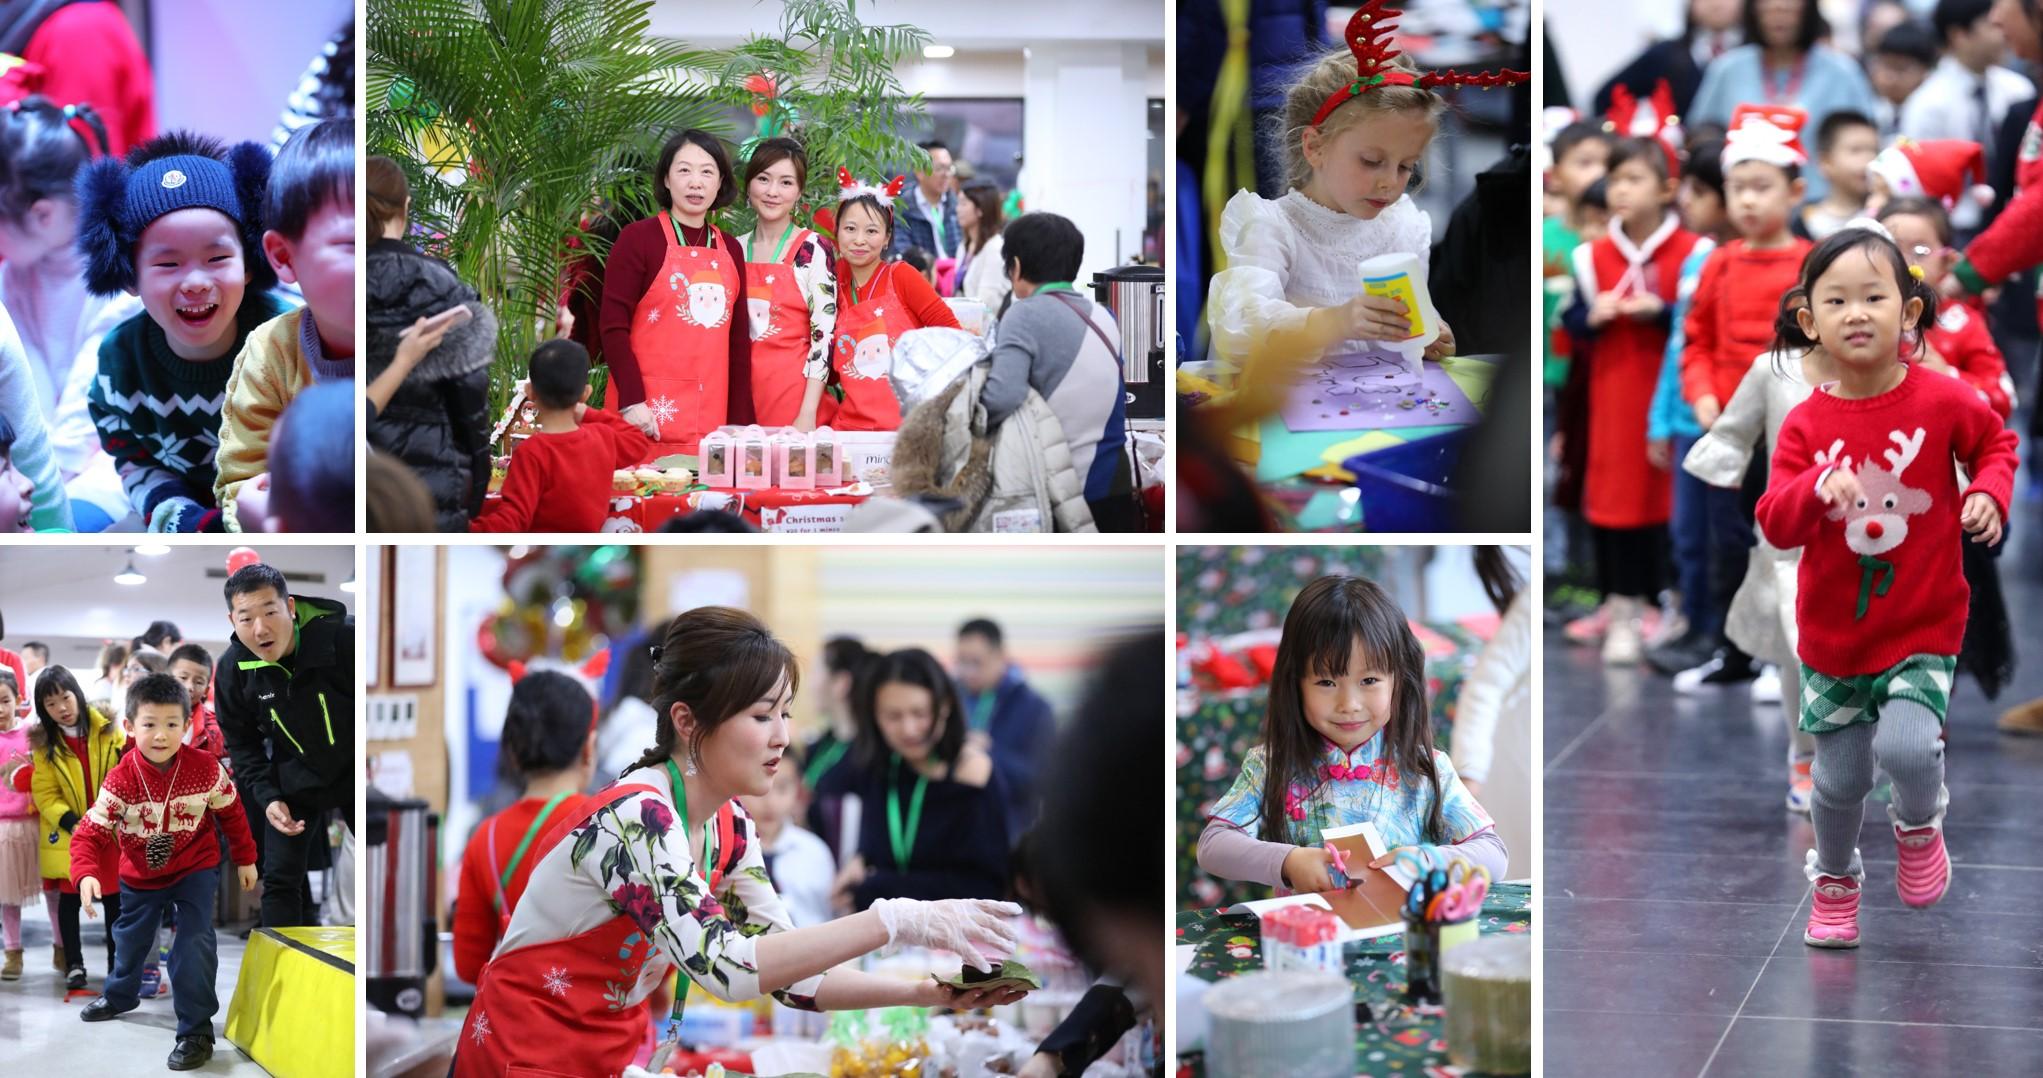 ey-winter-celebration-2019-fun-北京德威英国国际学校